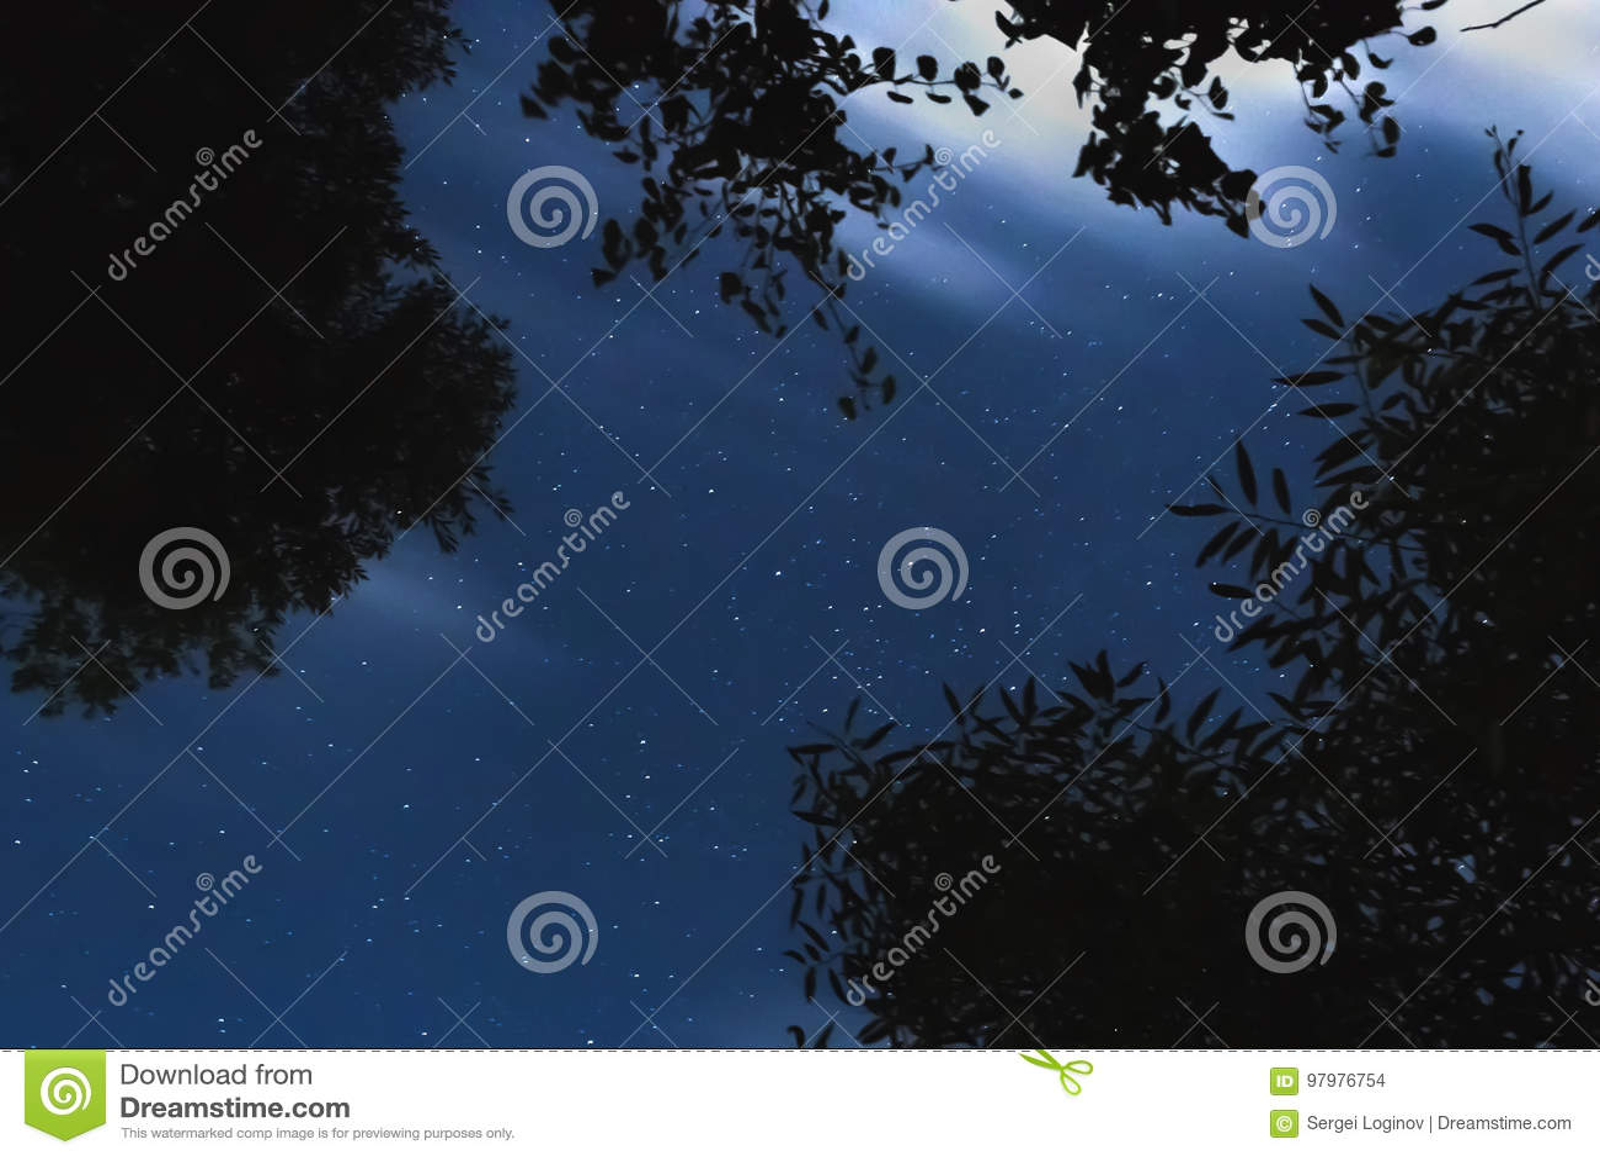 Árvore mostrada em silhueta na perspectiva do céu noturno